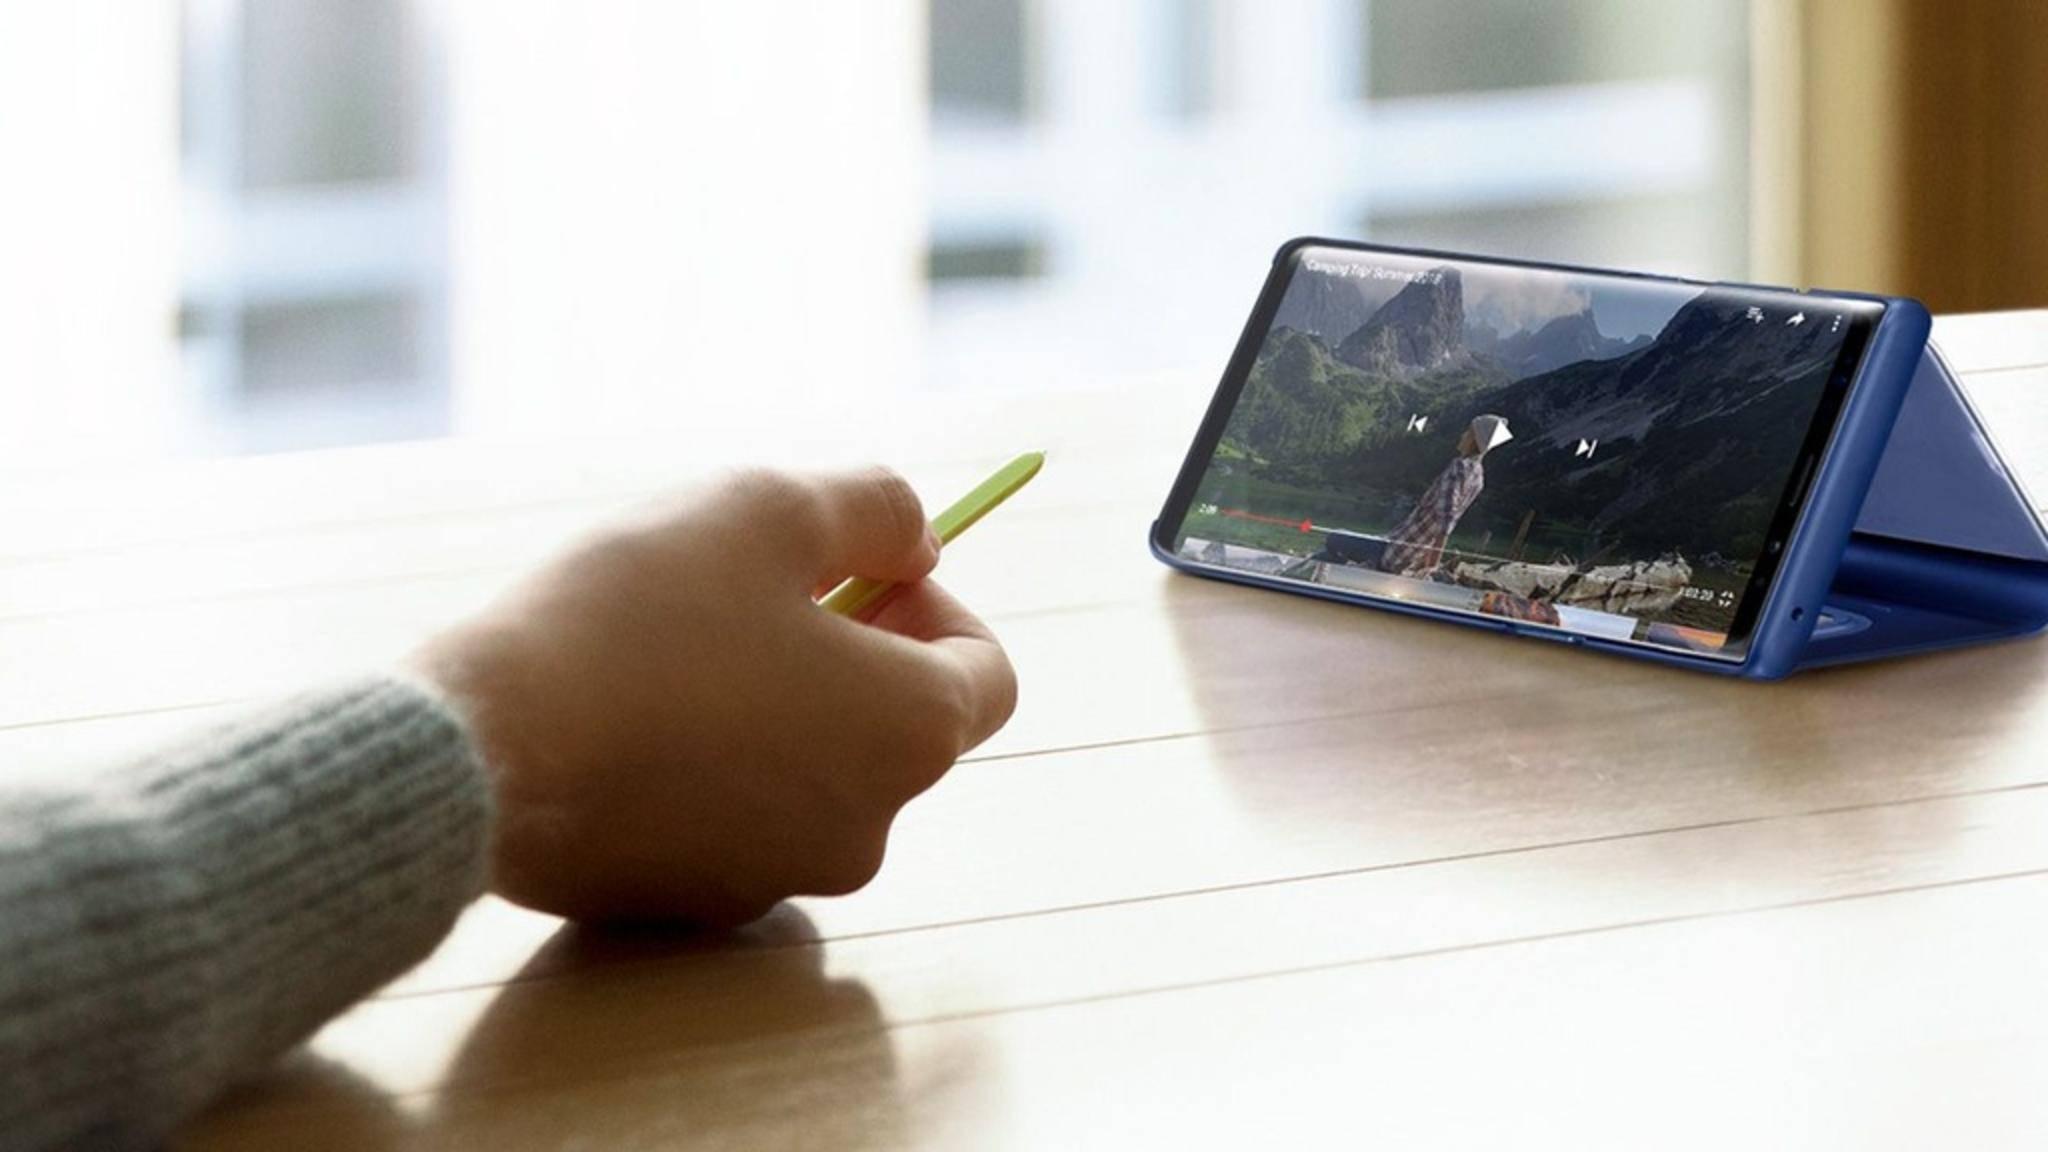 Die neue S-Pen-Fernsteuerung des Note 9 kann sehr nützlich sein.